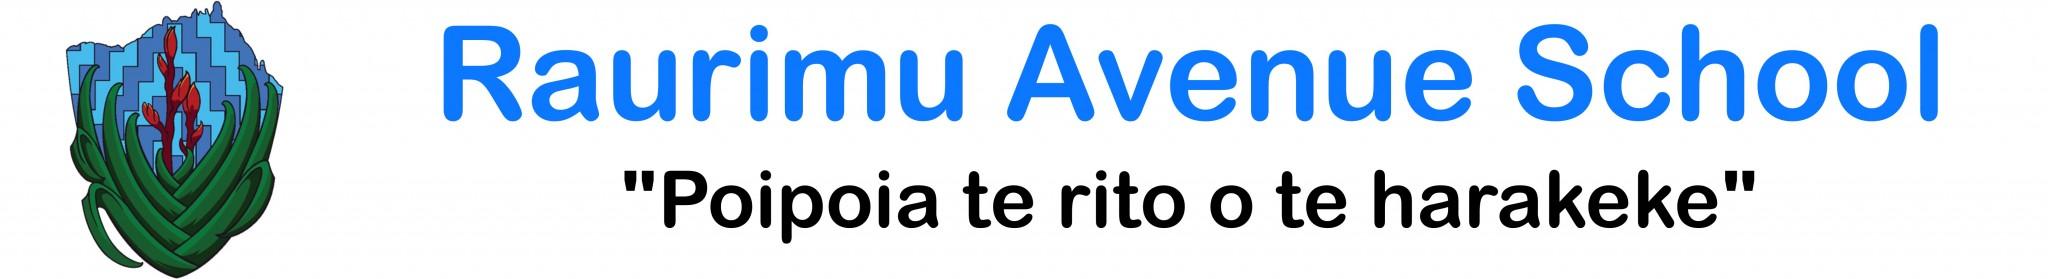 Raurimu Avenue School Logo